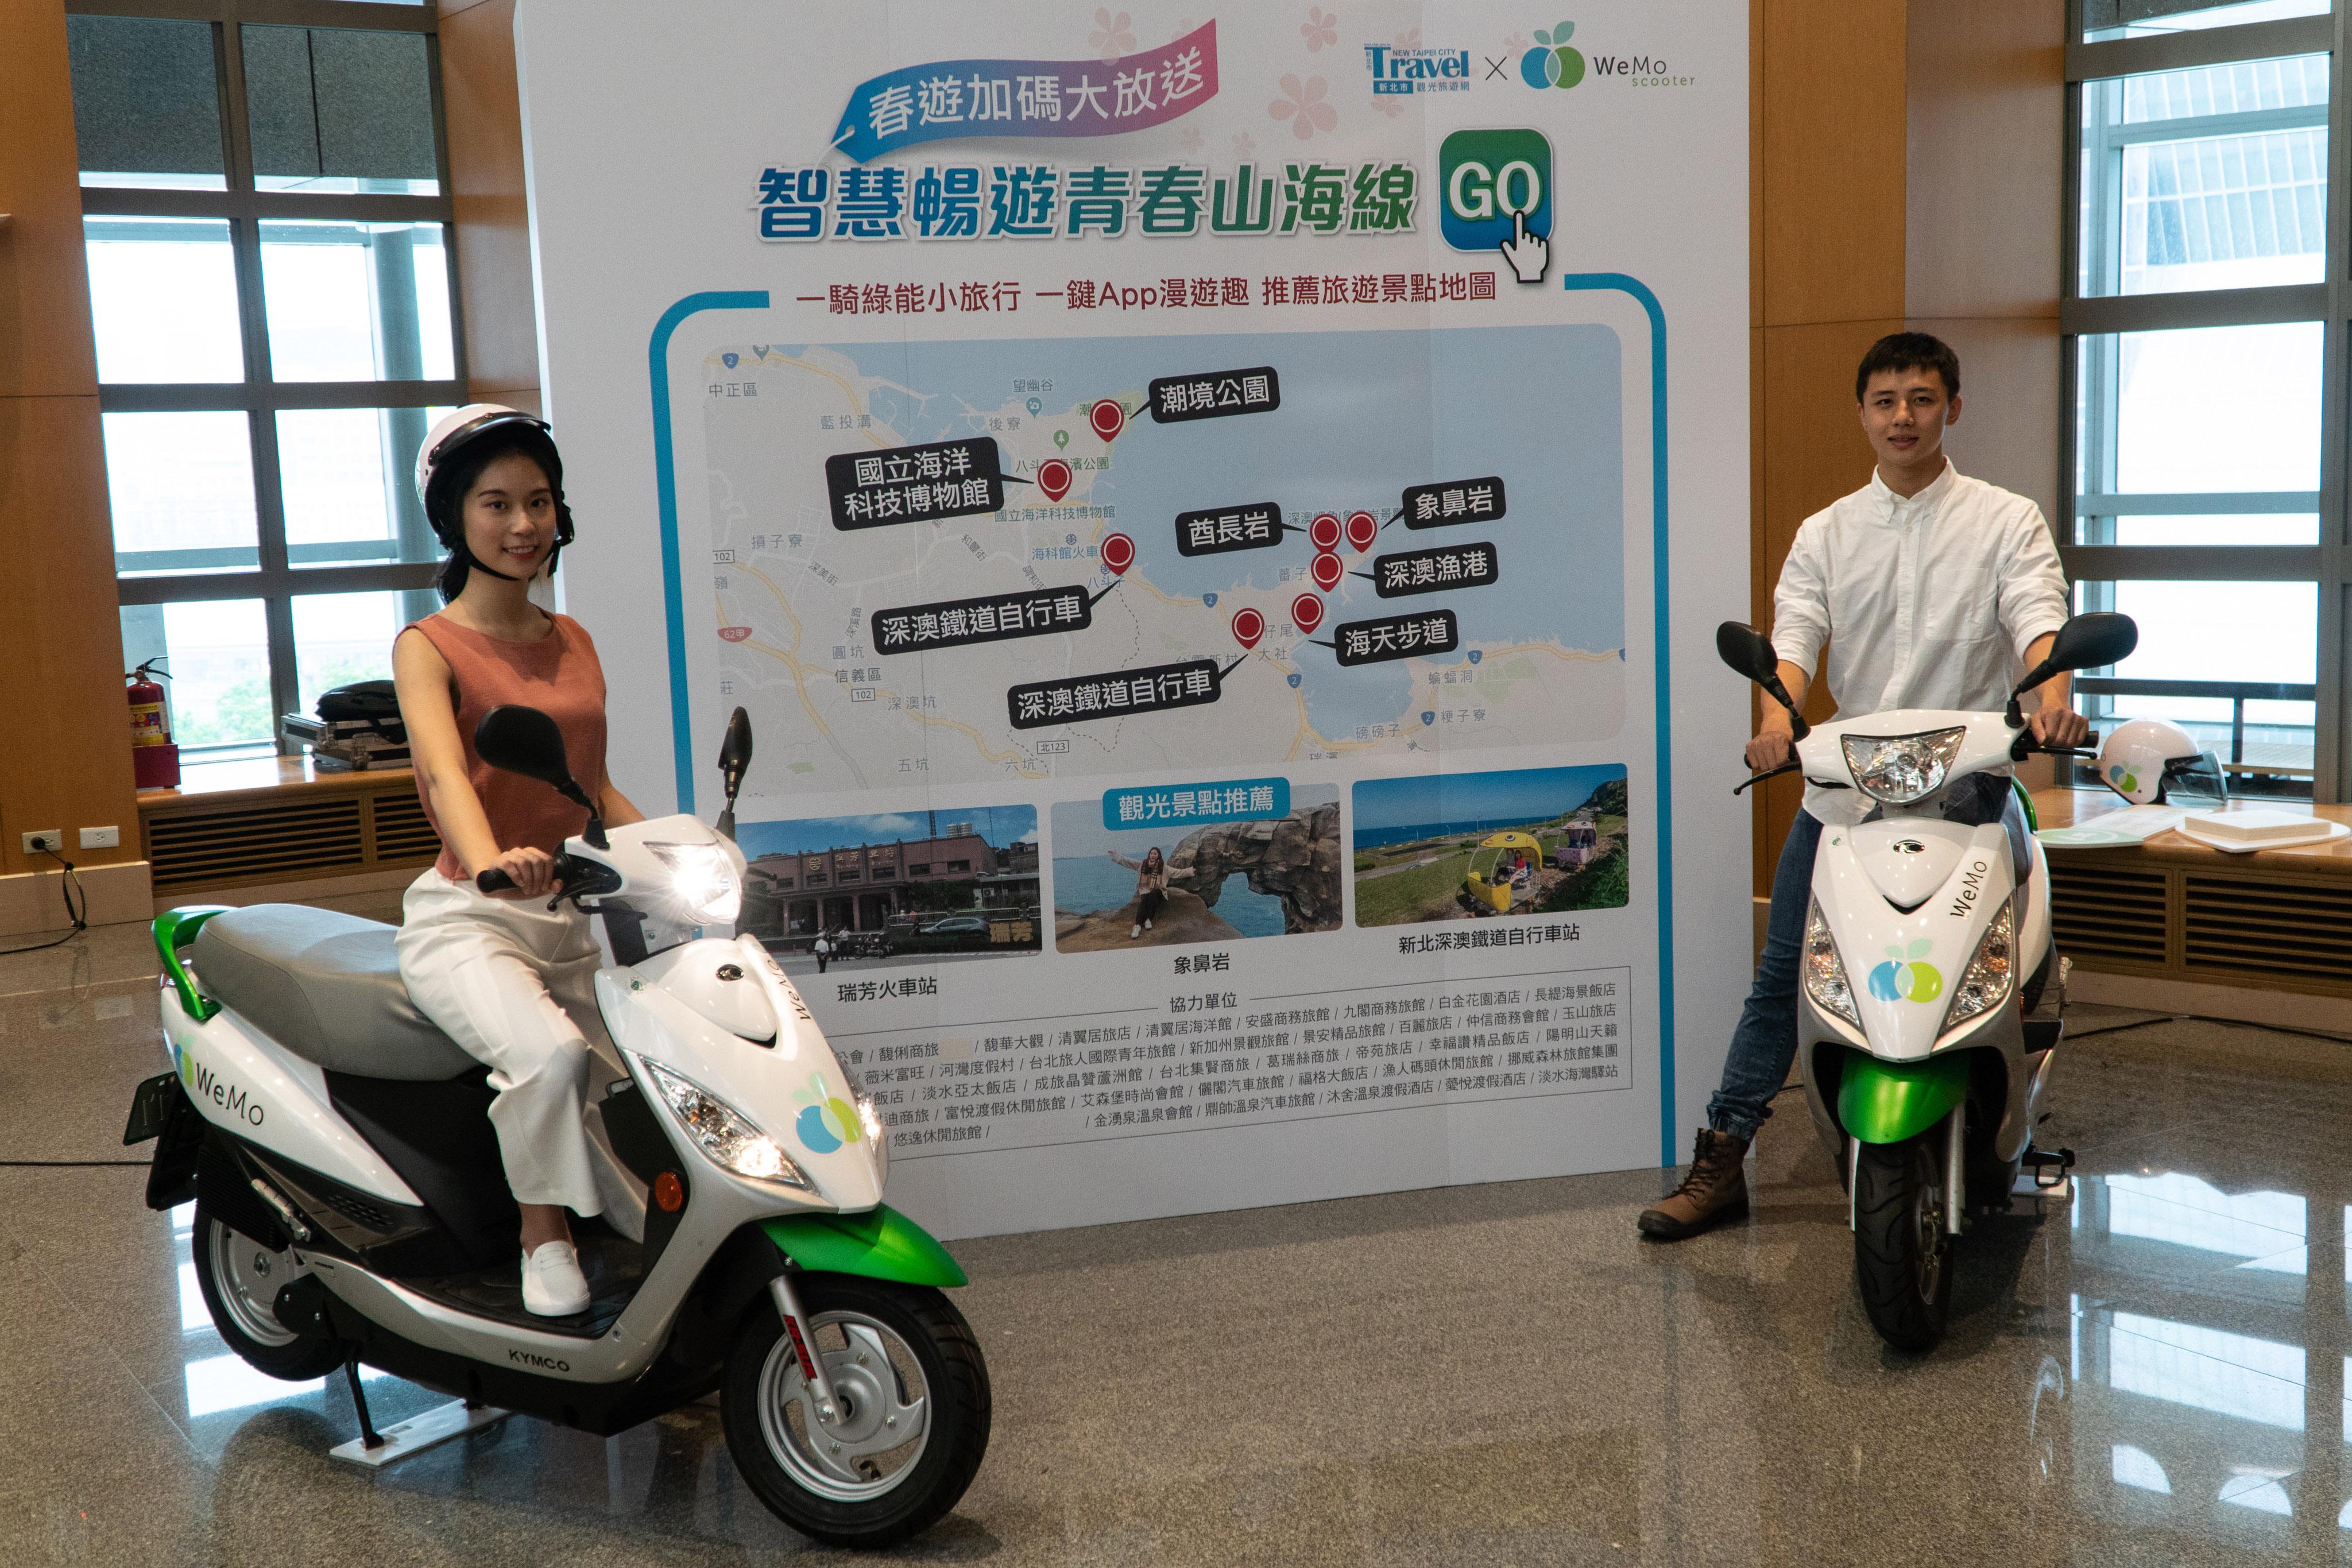 租機車玩北海岸更輕鬆!WeMo 與新北市推出綠能旅遊,前 15 分鐘免費騎